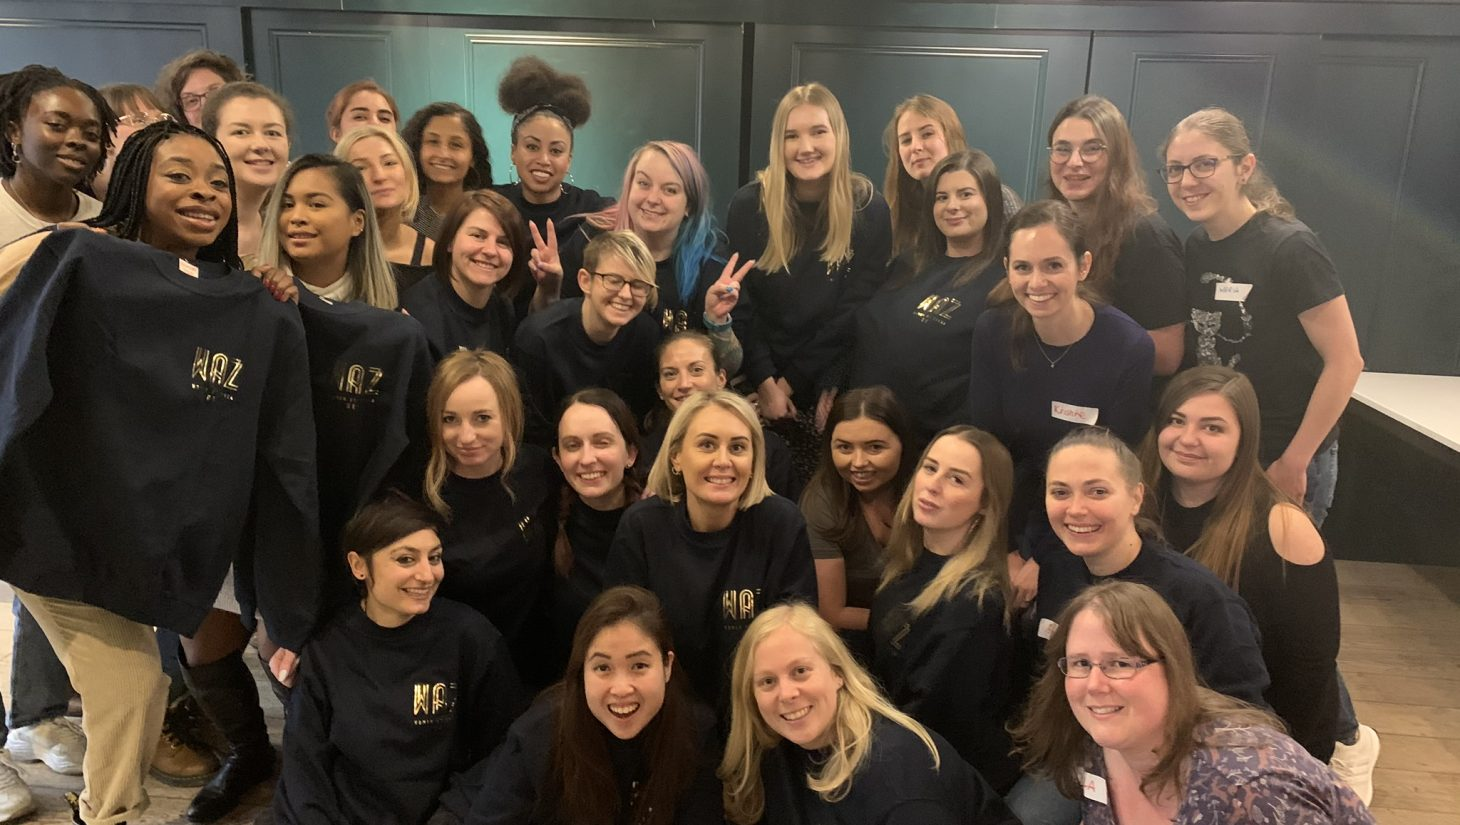 Women at Zynga event